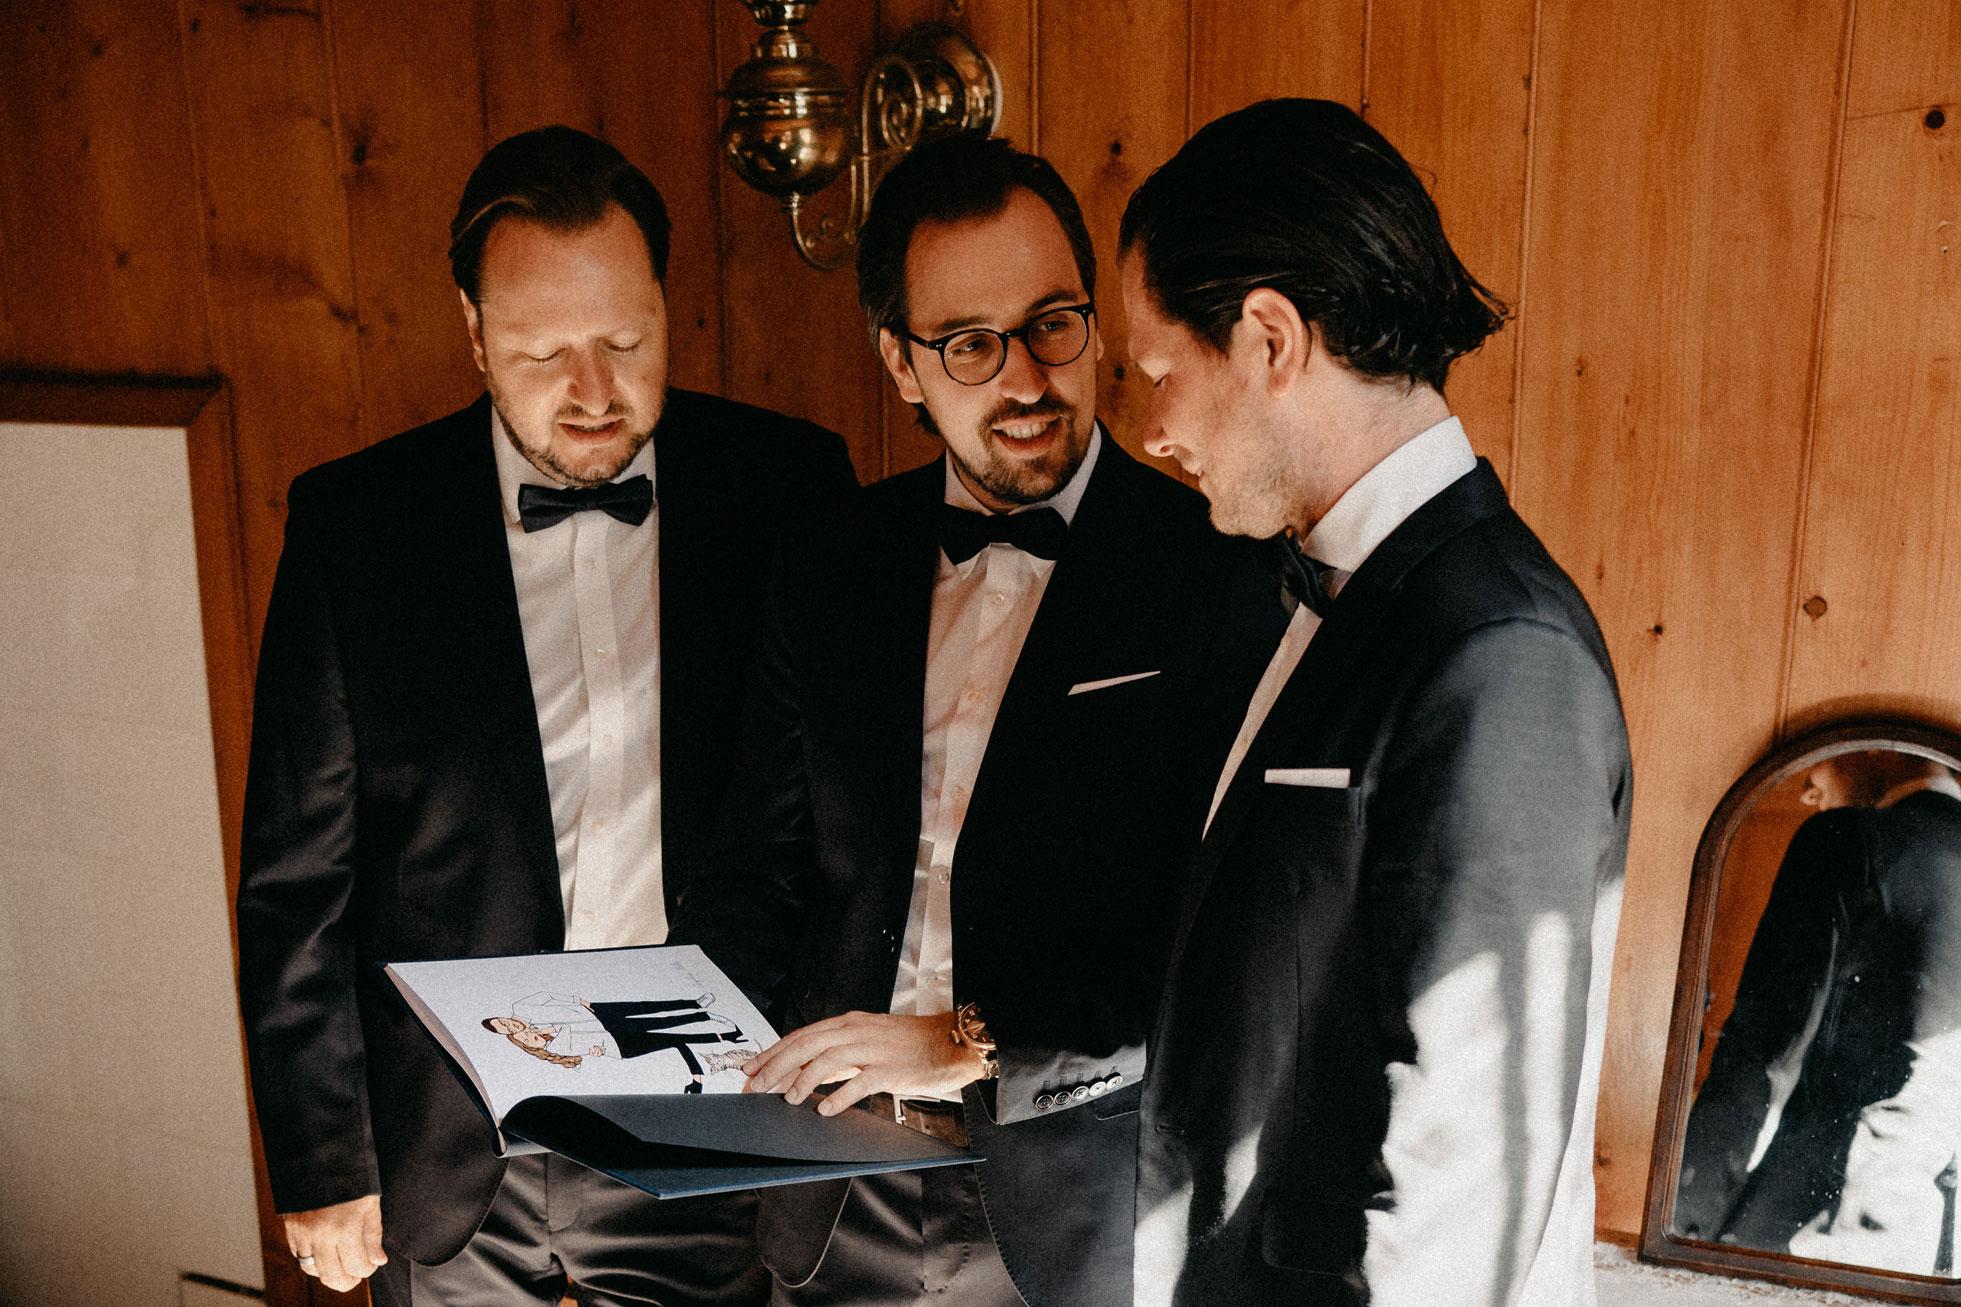 Hochzeit_Claire_Manuel_Villa_Maund_Daniel_Jenny-66.jpg